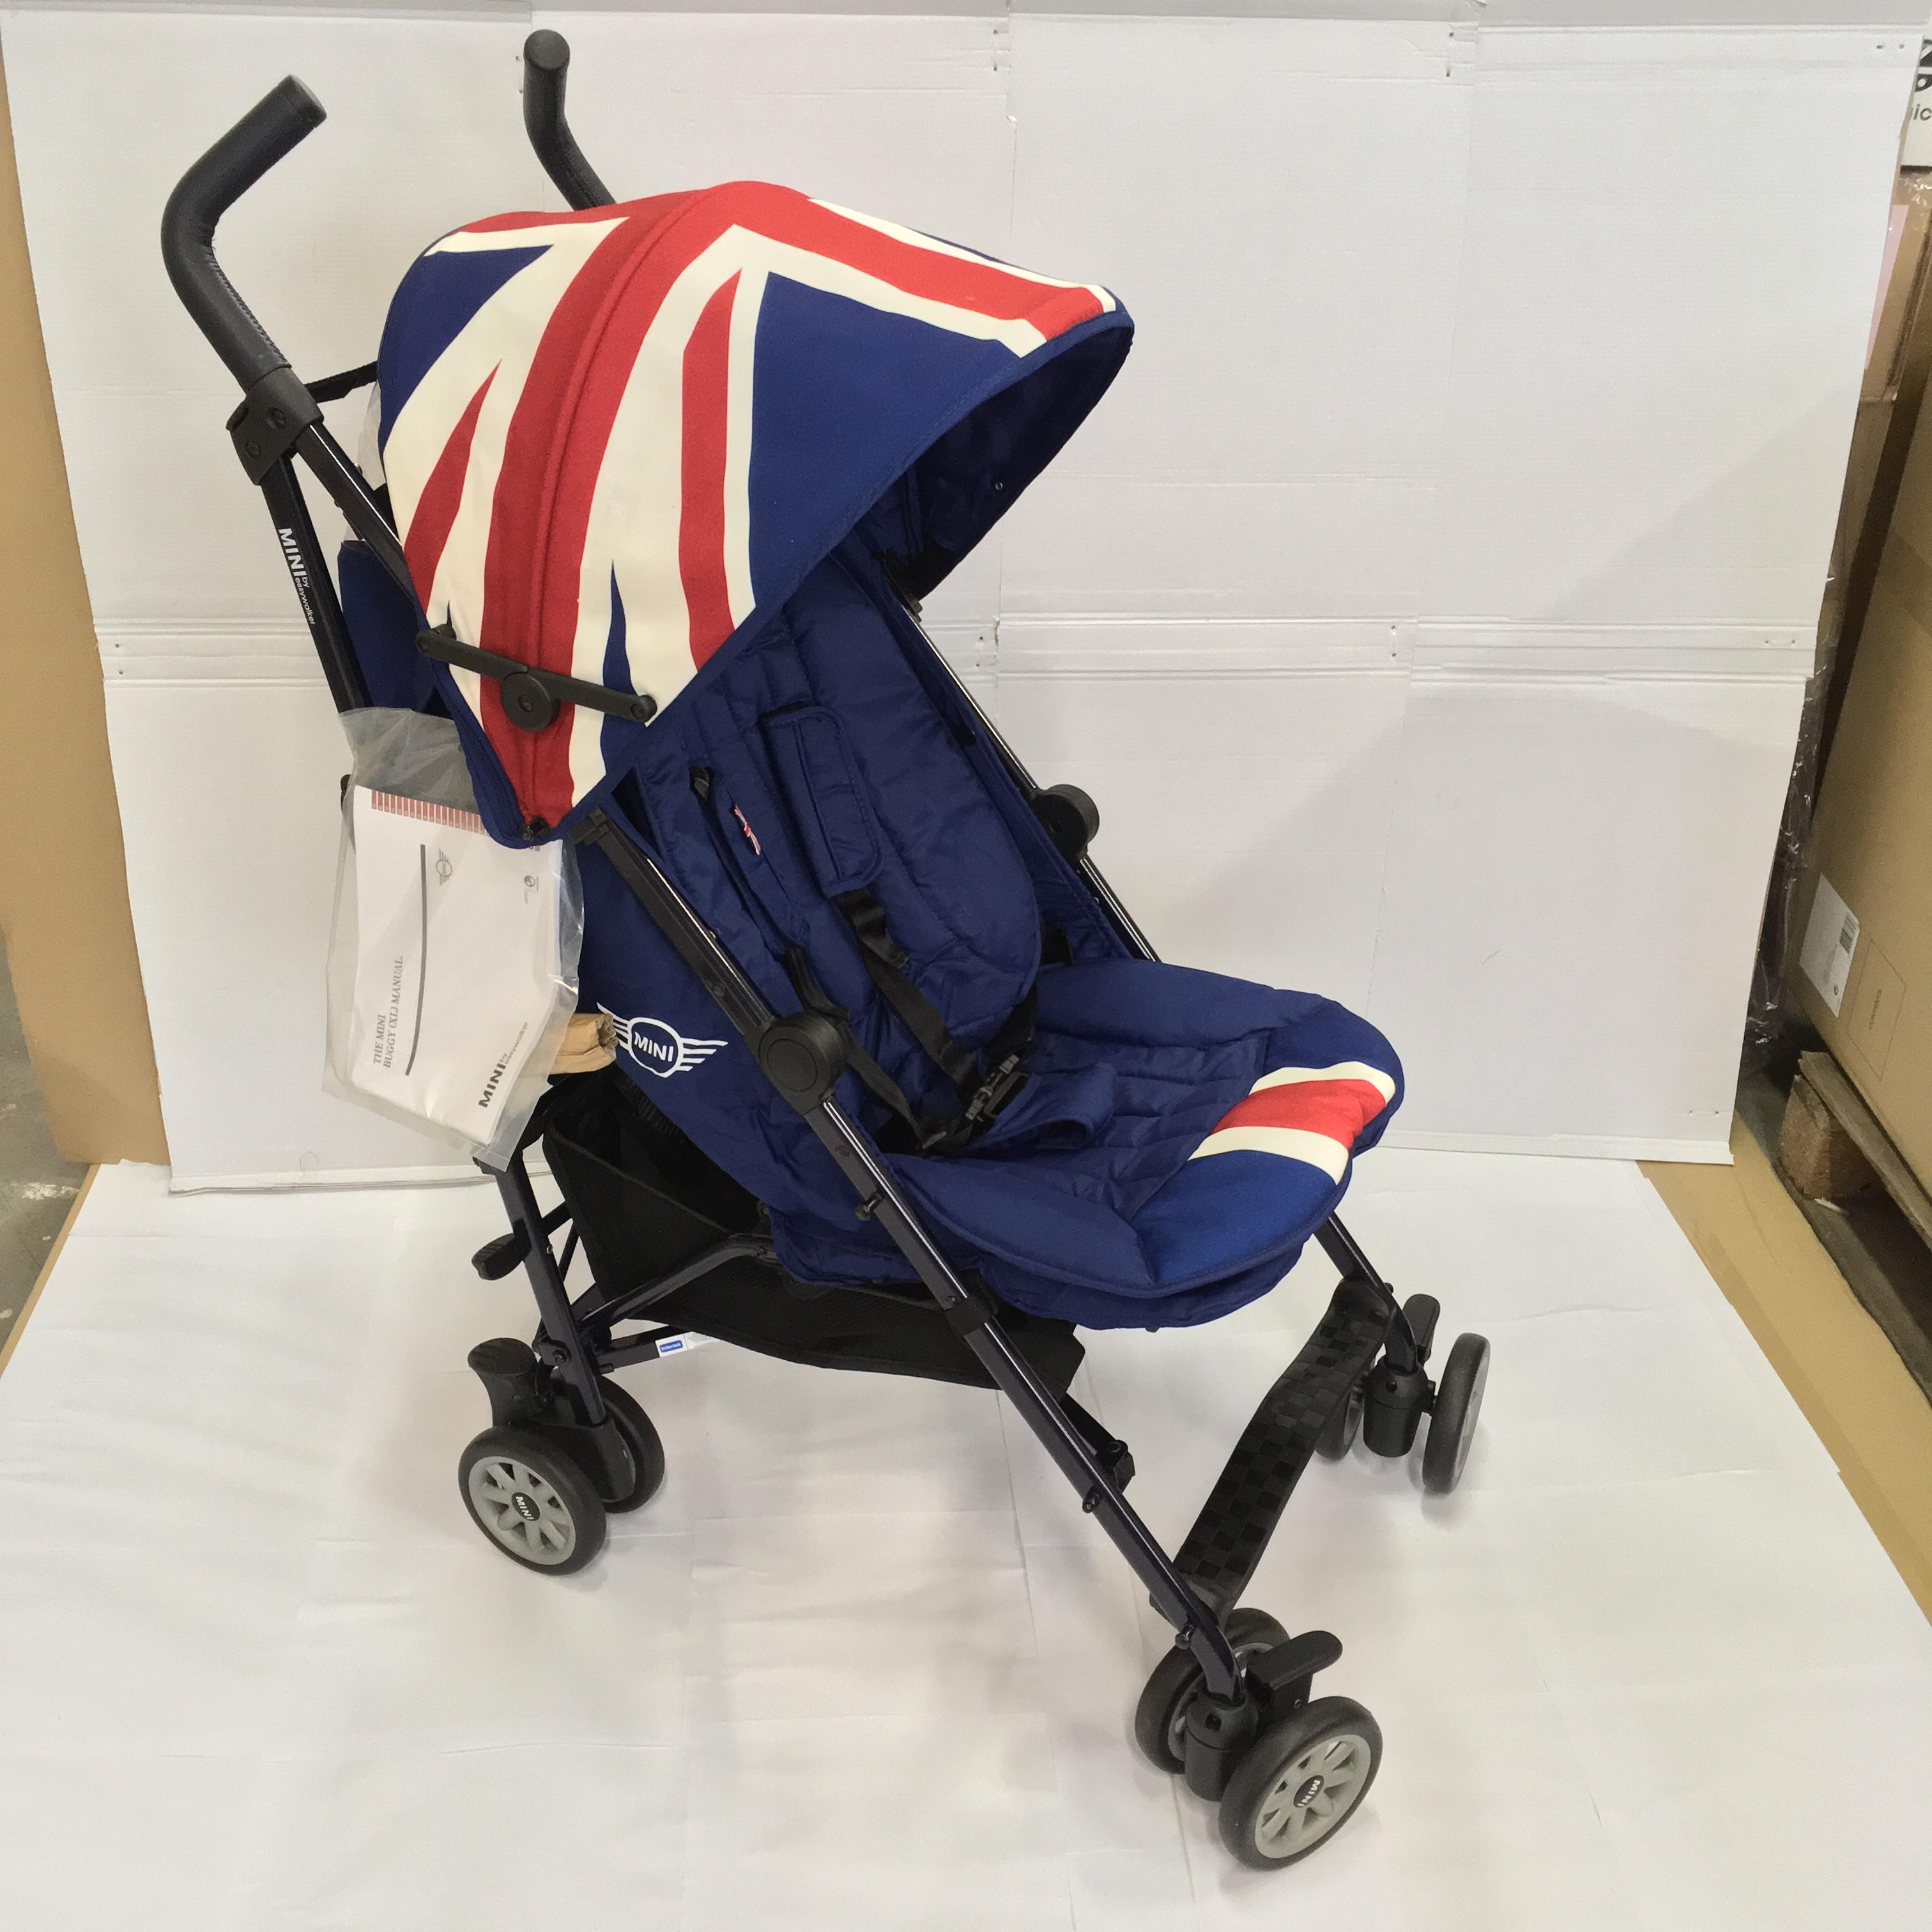 фото коляски Easywalker mini buggy